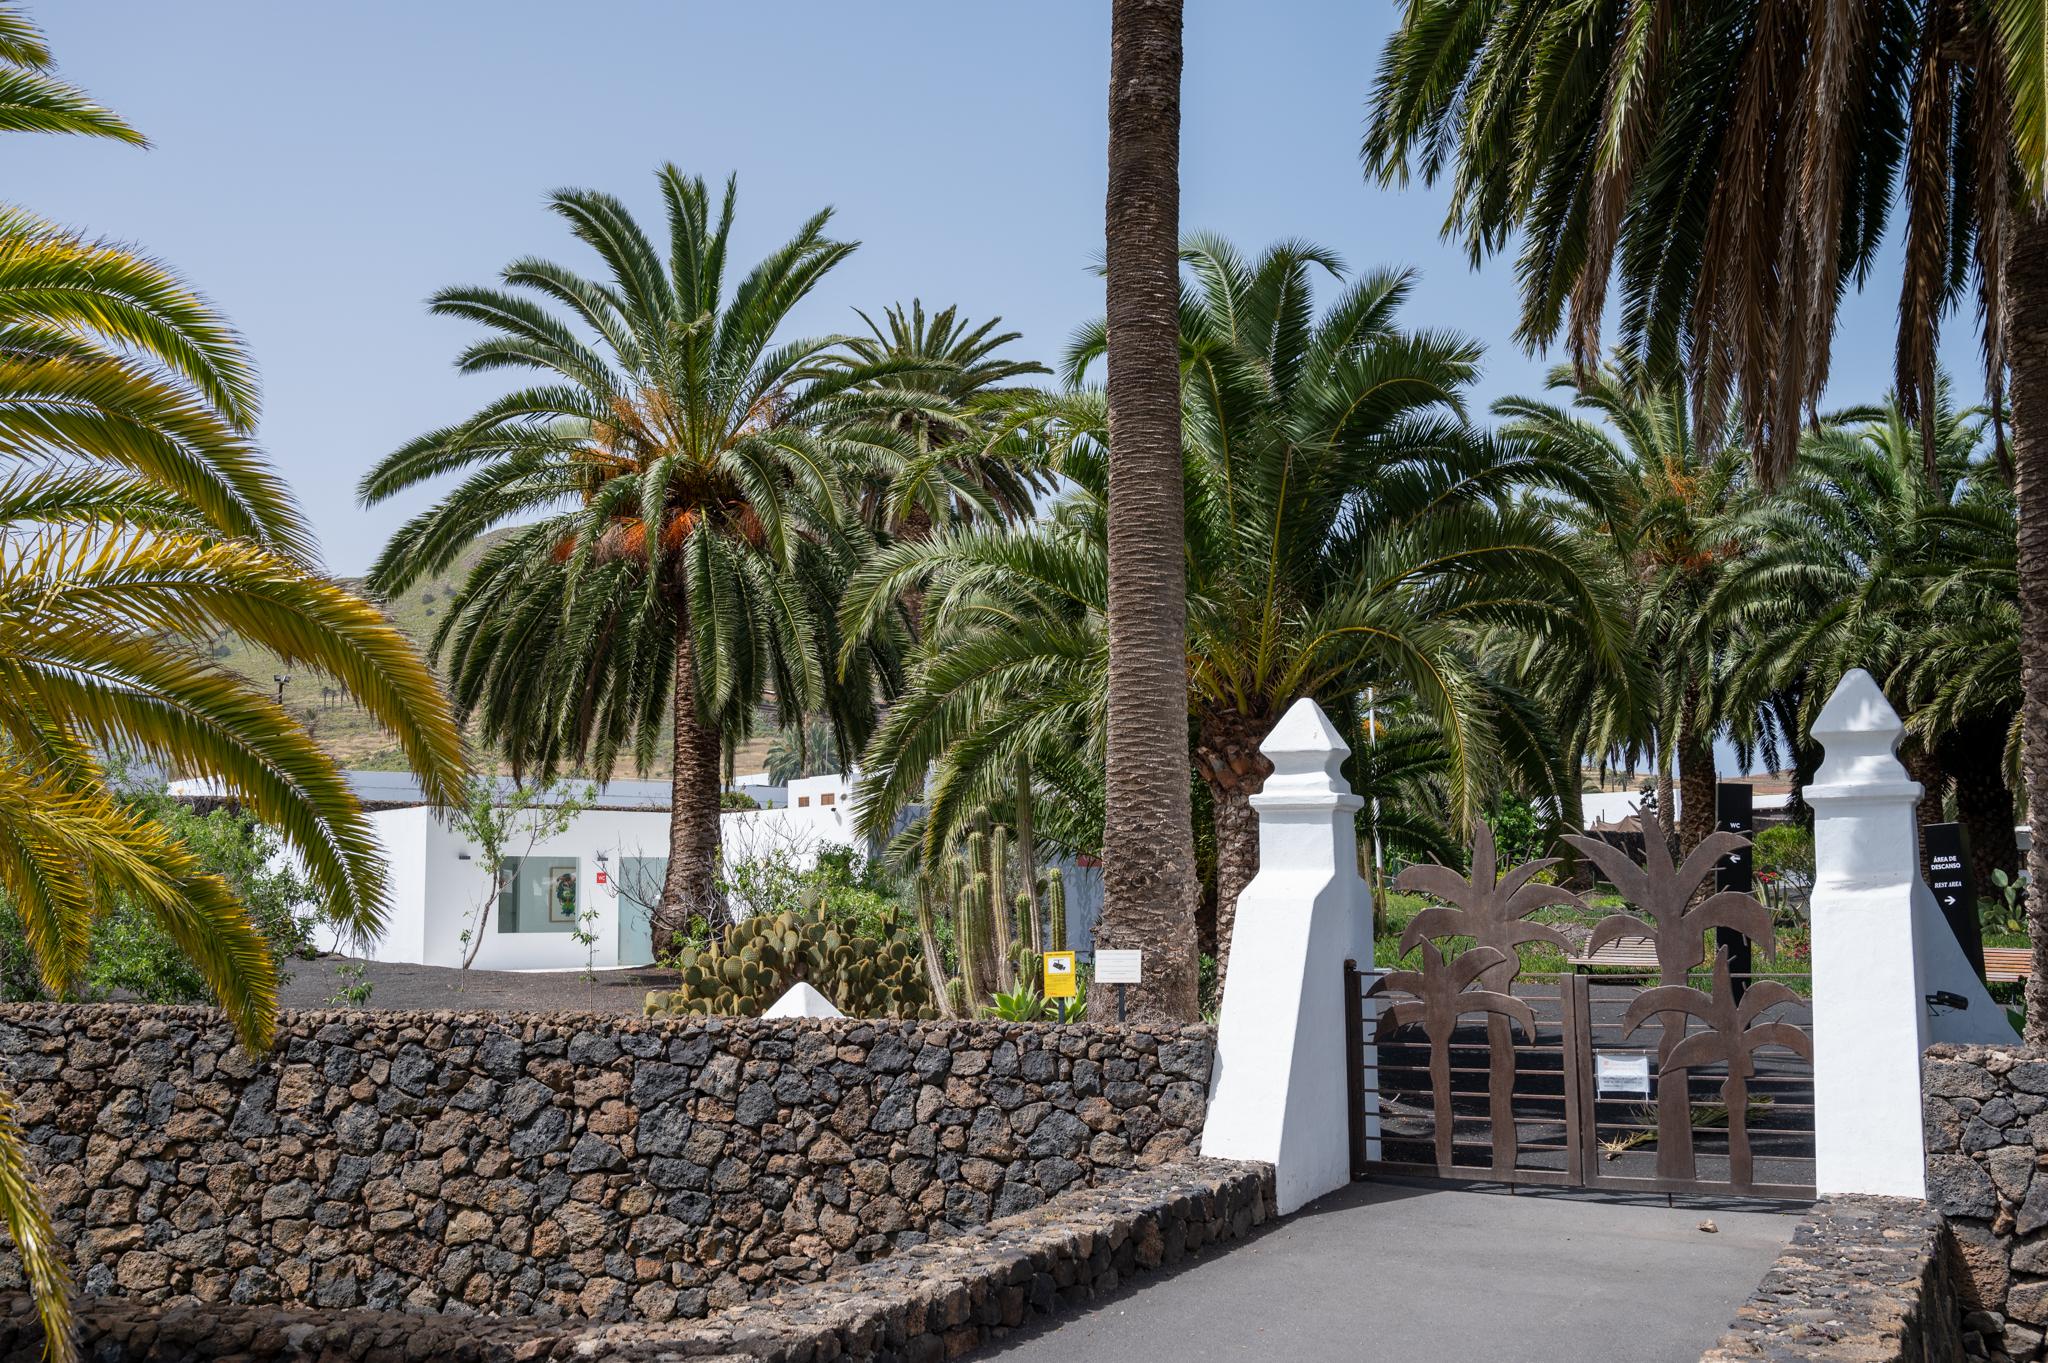 Casa Museo César Manrique auf Lanzarote